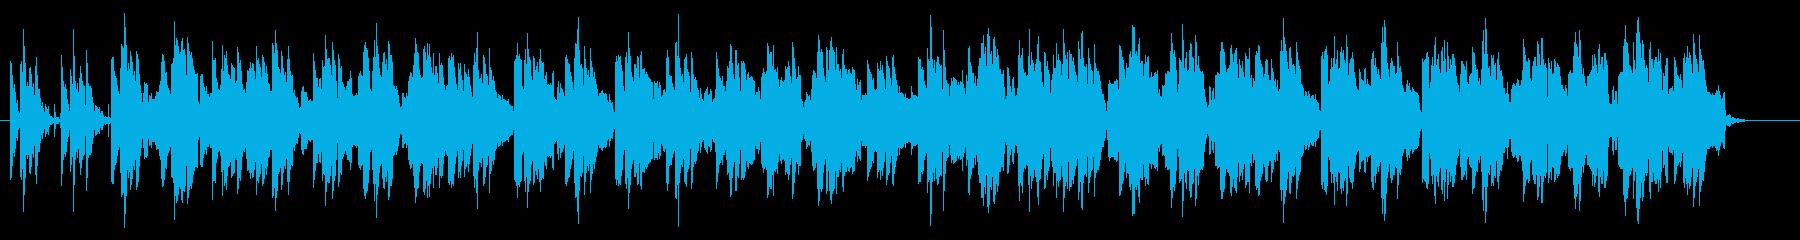 笛と太鼓のお囃子的な楽曲の再生済みの波形